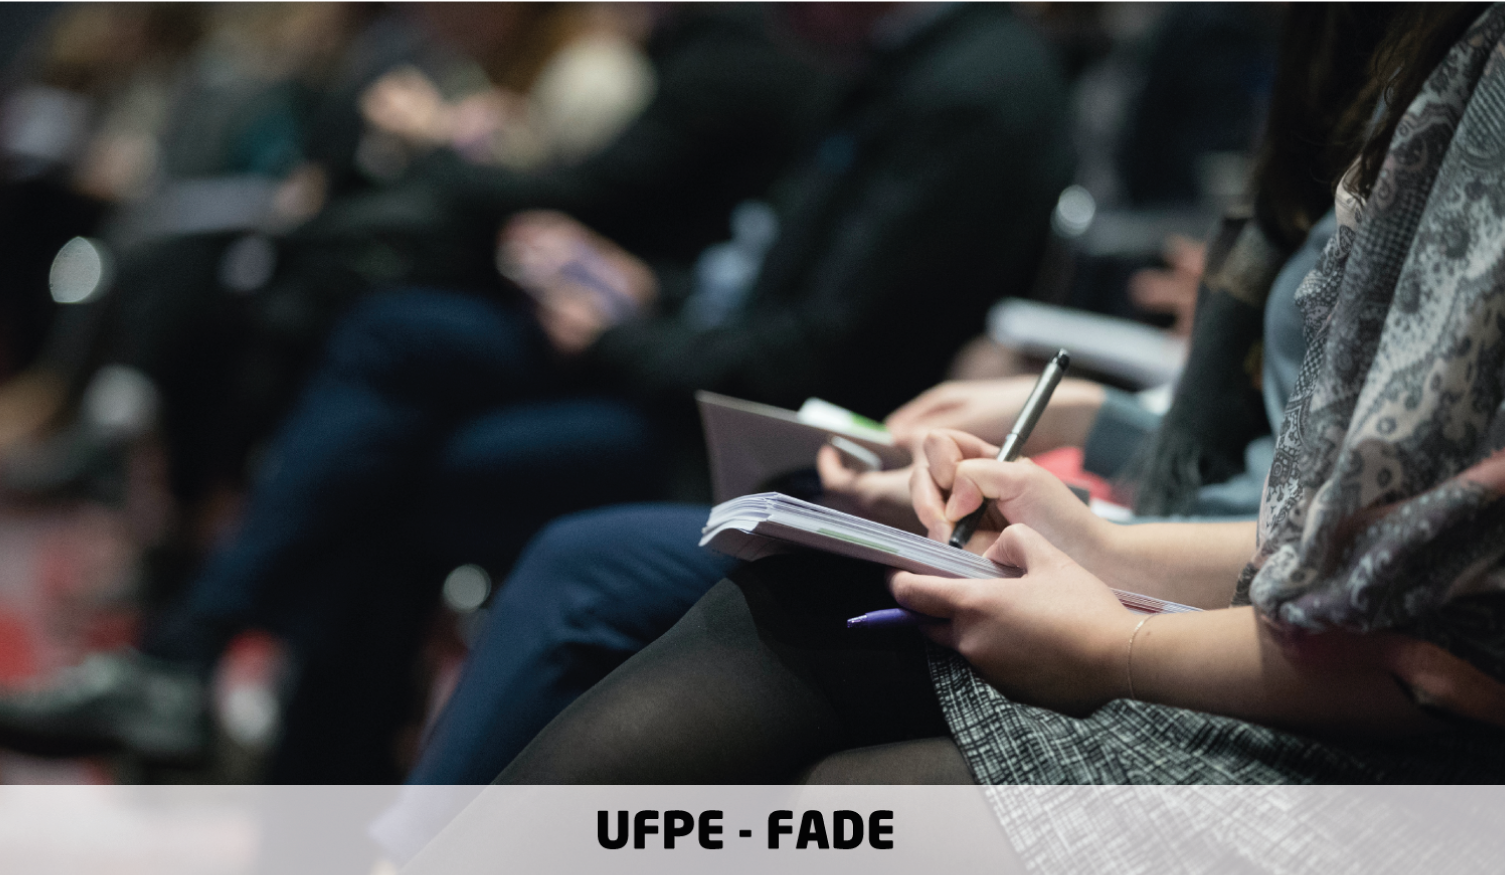 Vagas de estágio para Letras e Jornalismo | Edital 045/2020 | UFPE e Fade